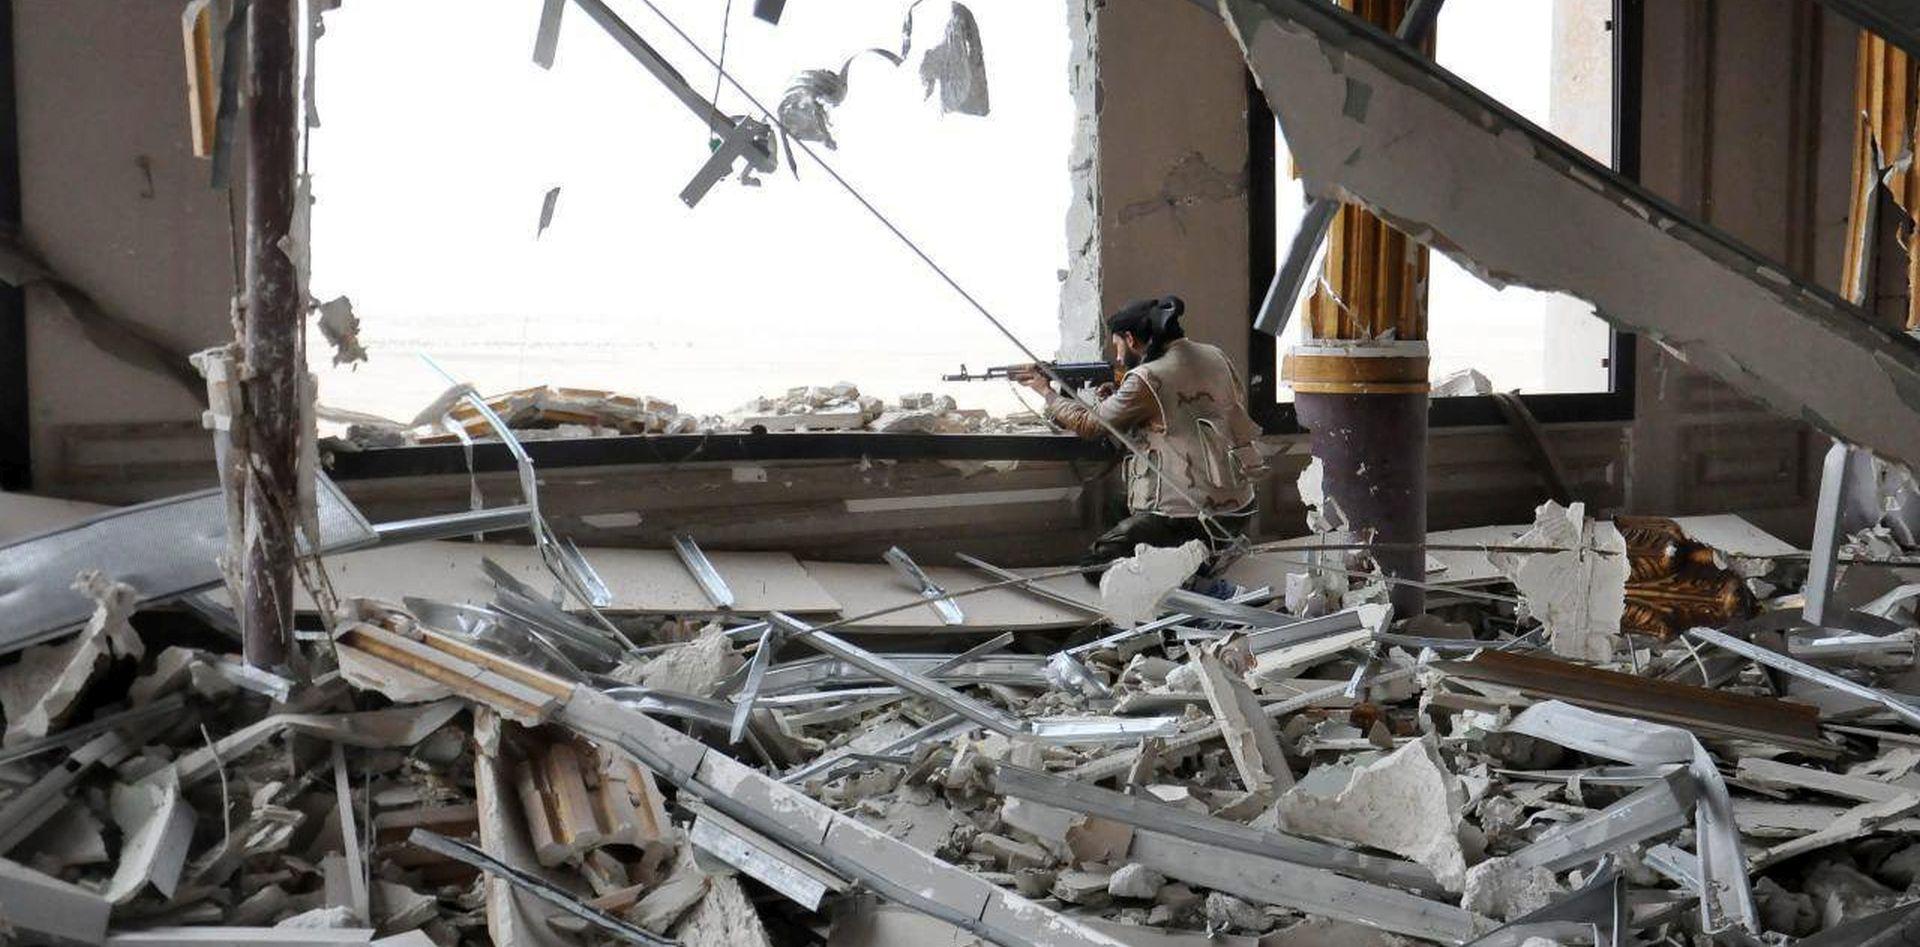 VIŠE OD 30 POGINULIH: SAD oštro osudio zračne napade u Damasku